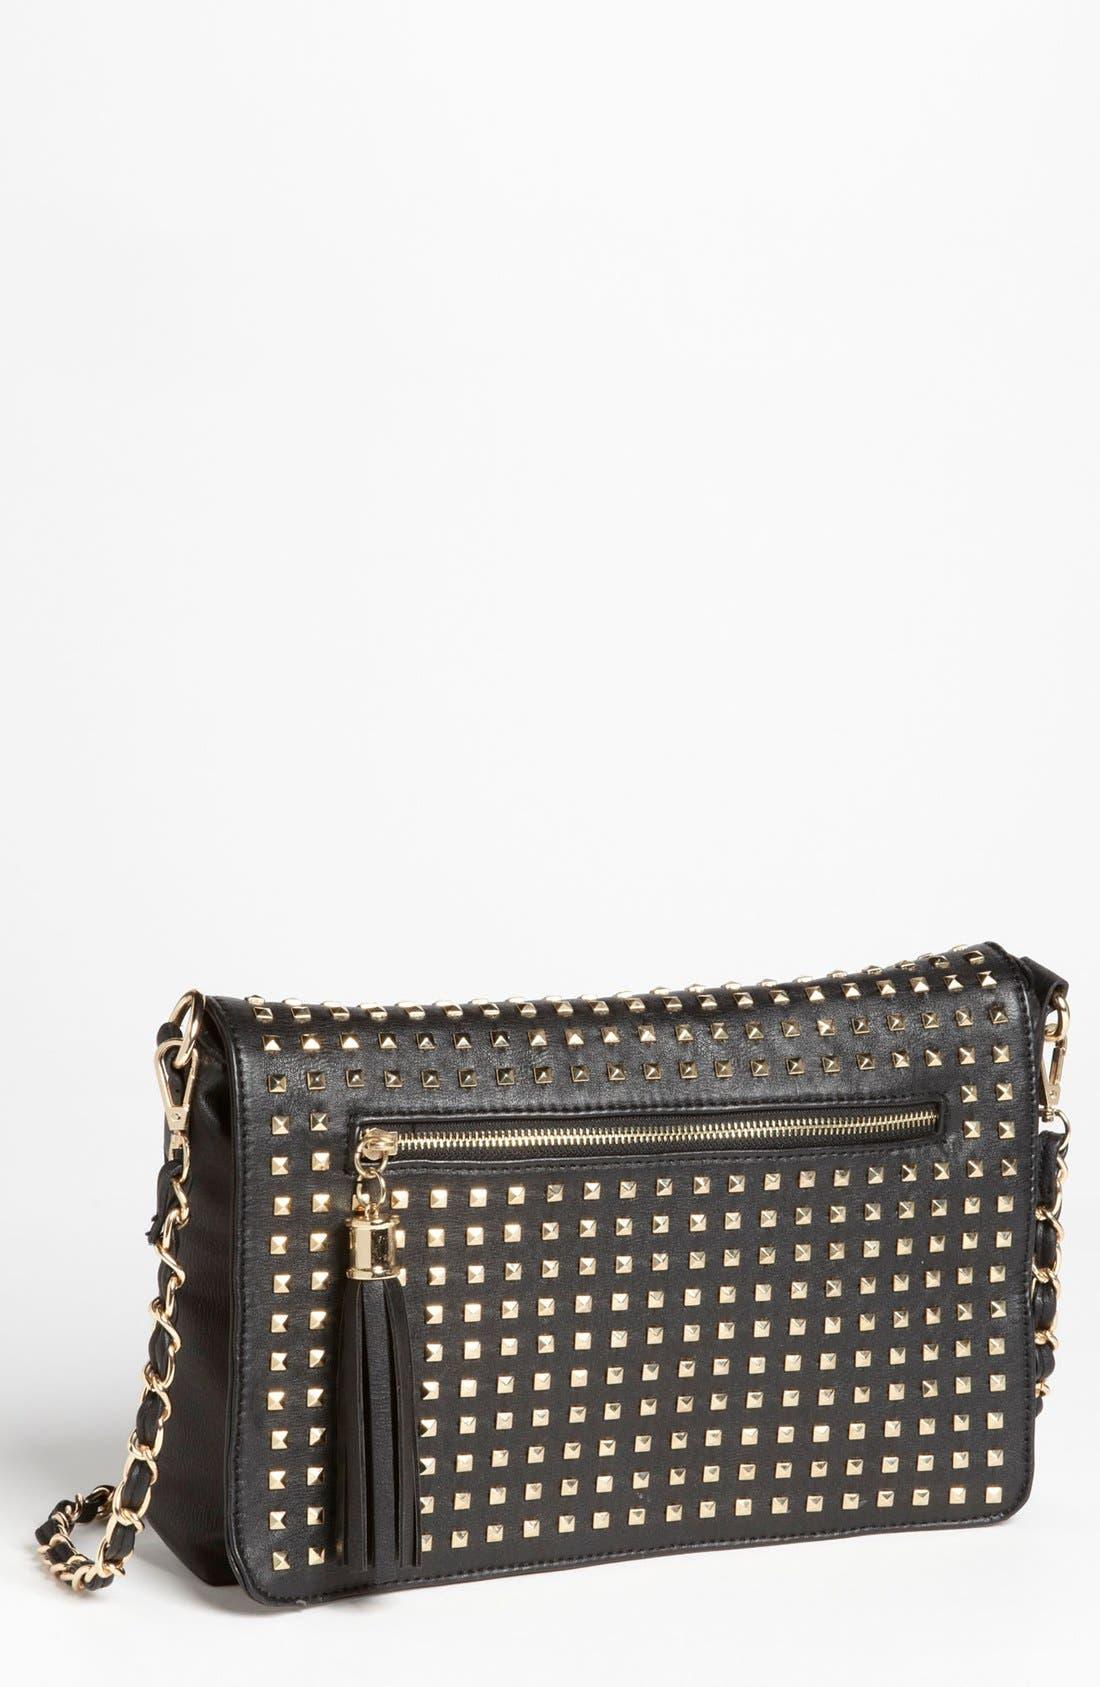 Alternate Image 1 Selected - NB Handbags Studded Convertible Crossbody (Juniors)